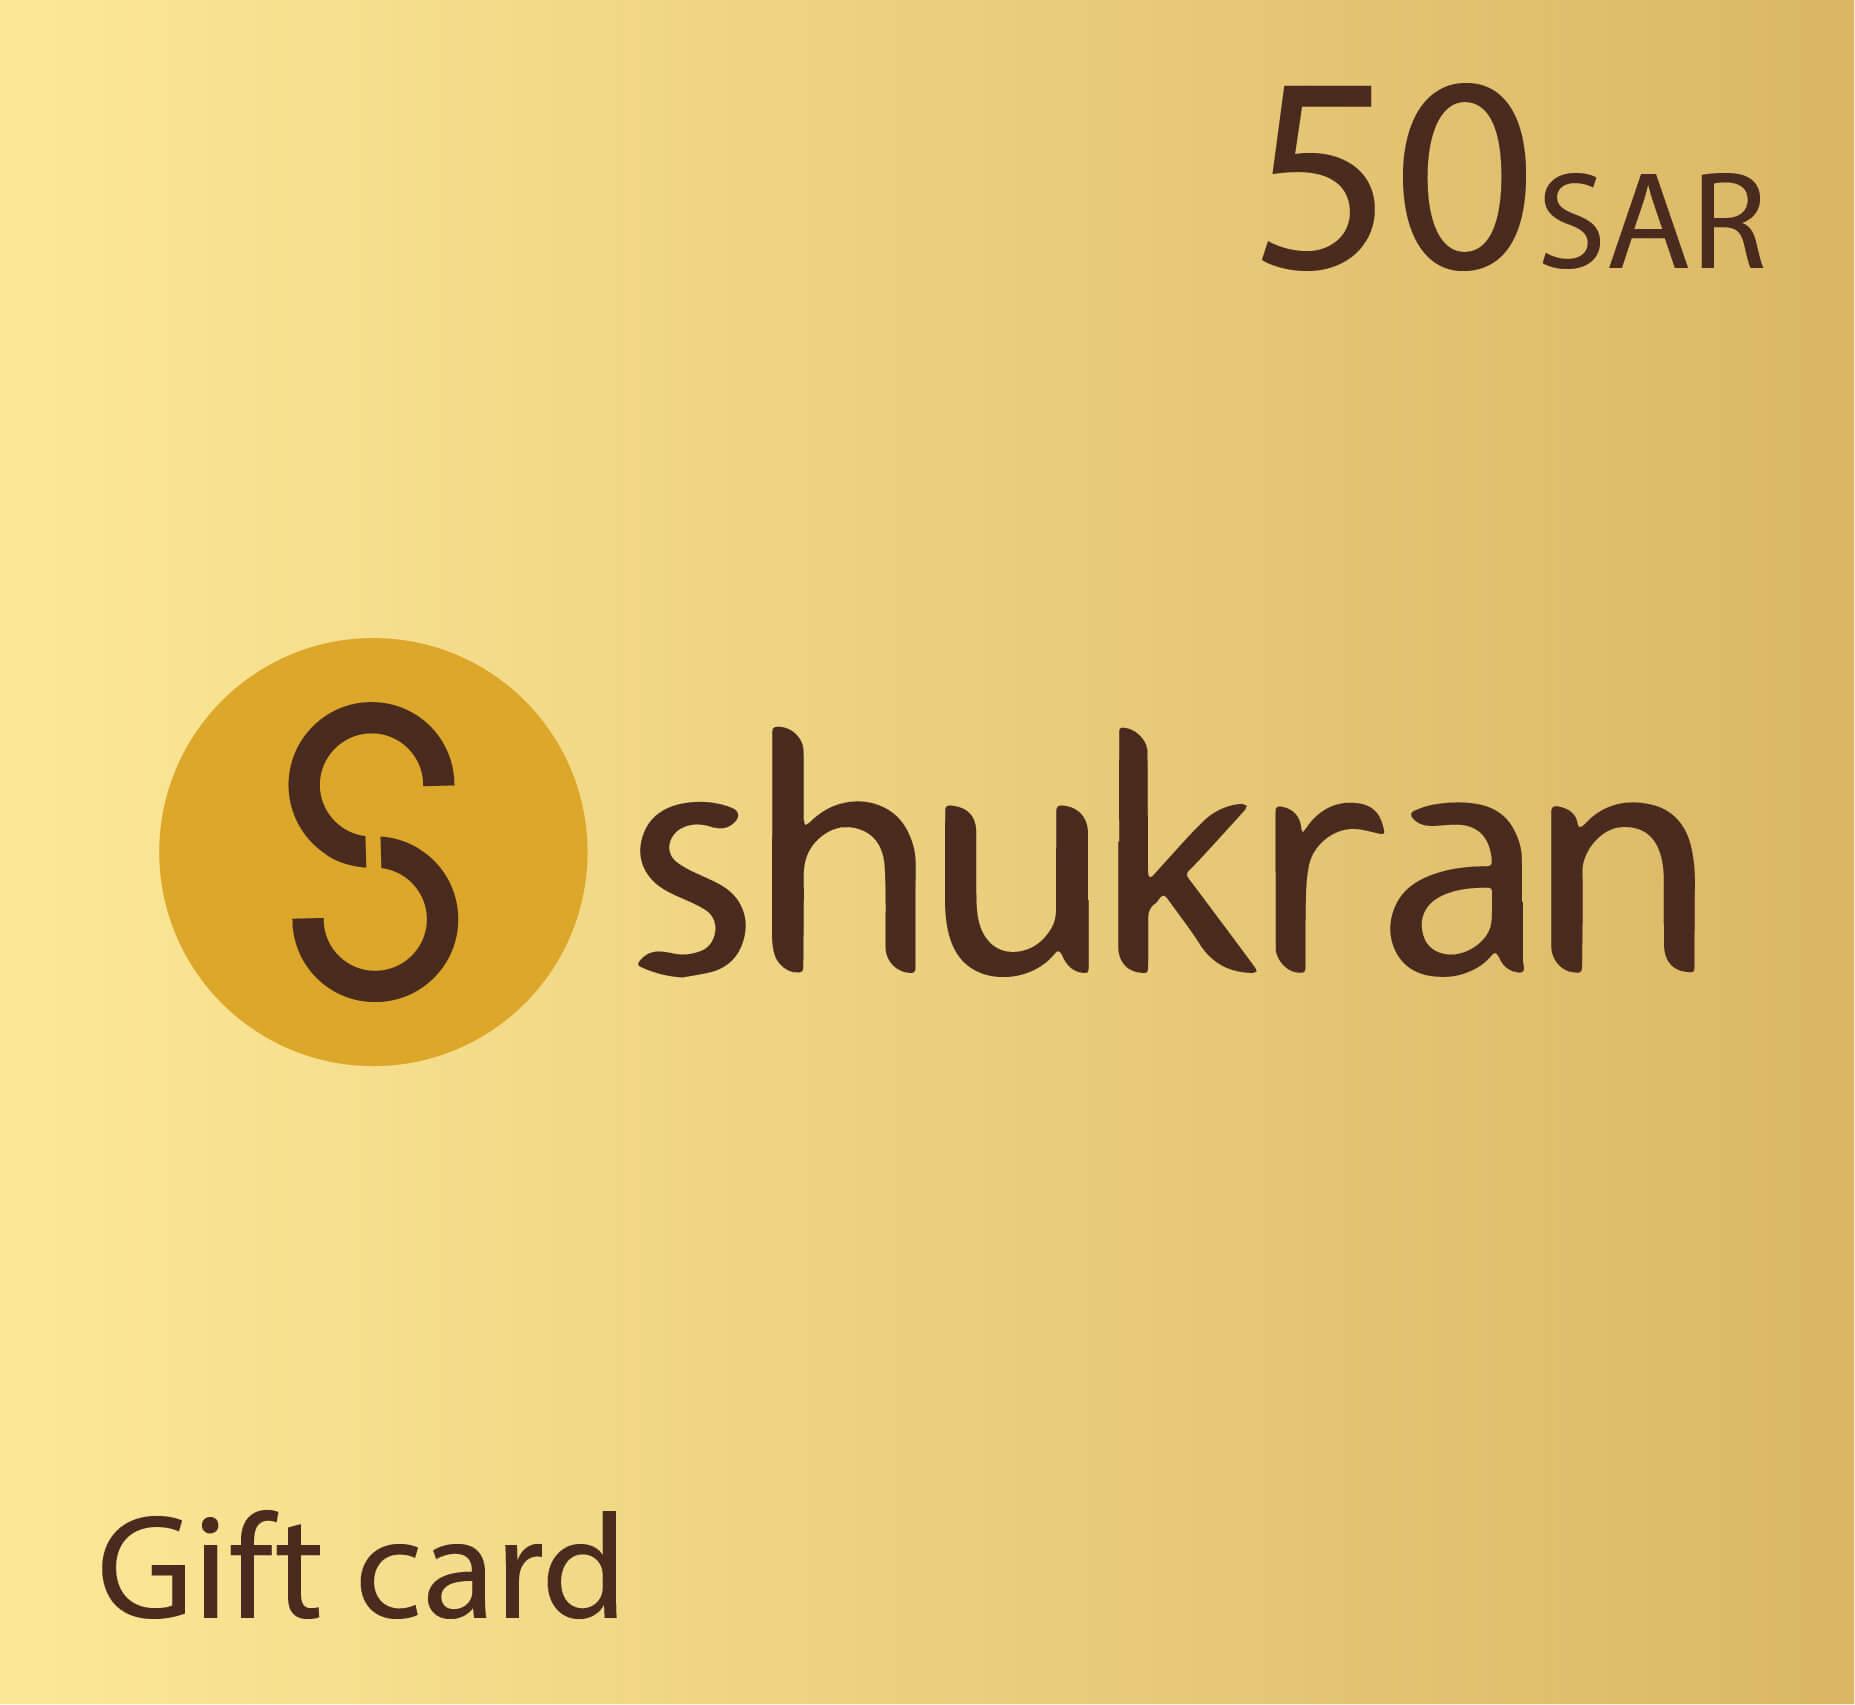 Shukran Gift Card - 50 SAR